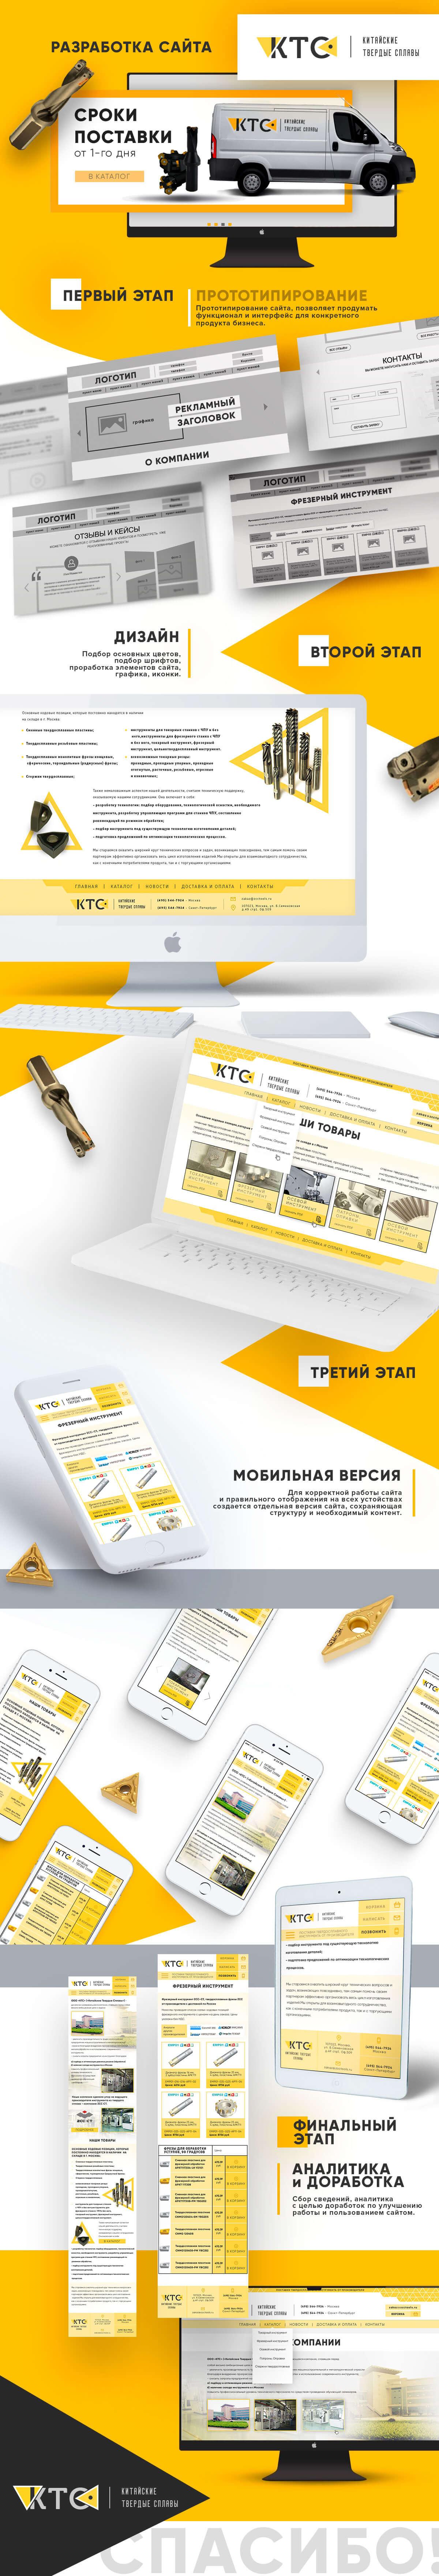 """Создание сайта для производителя твердосплавного инструмента """"КТС"""""""